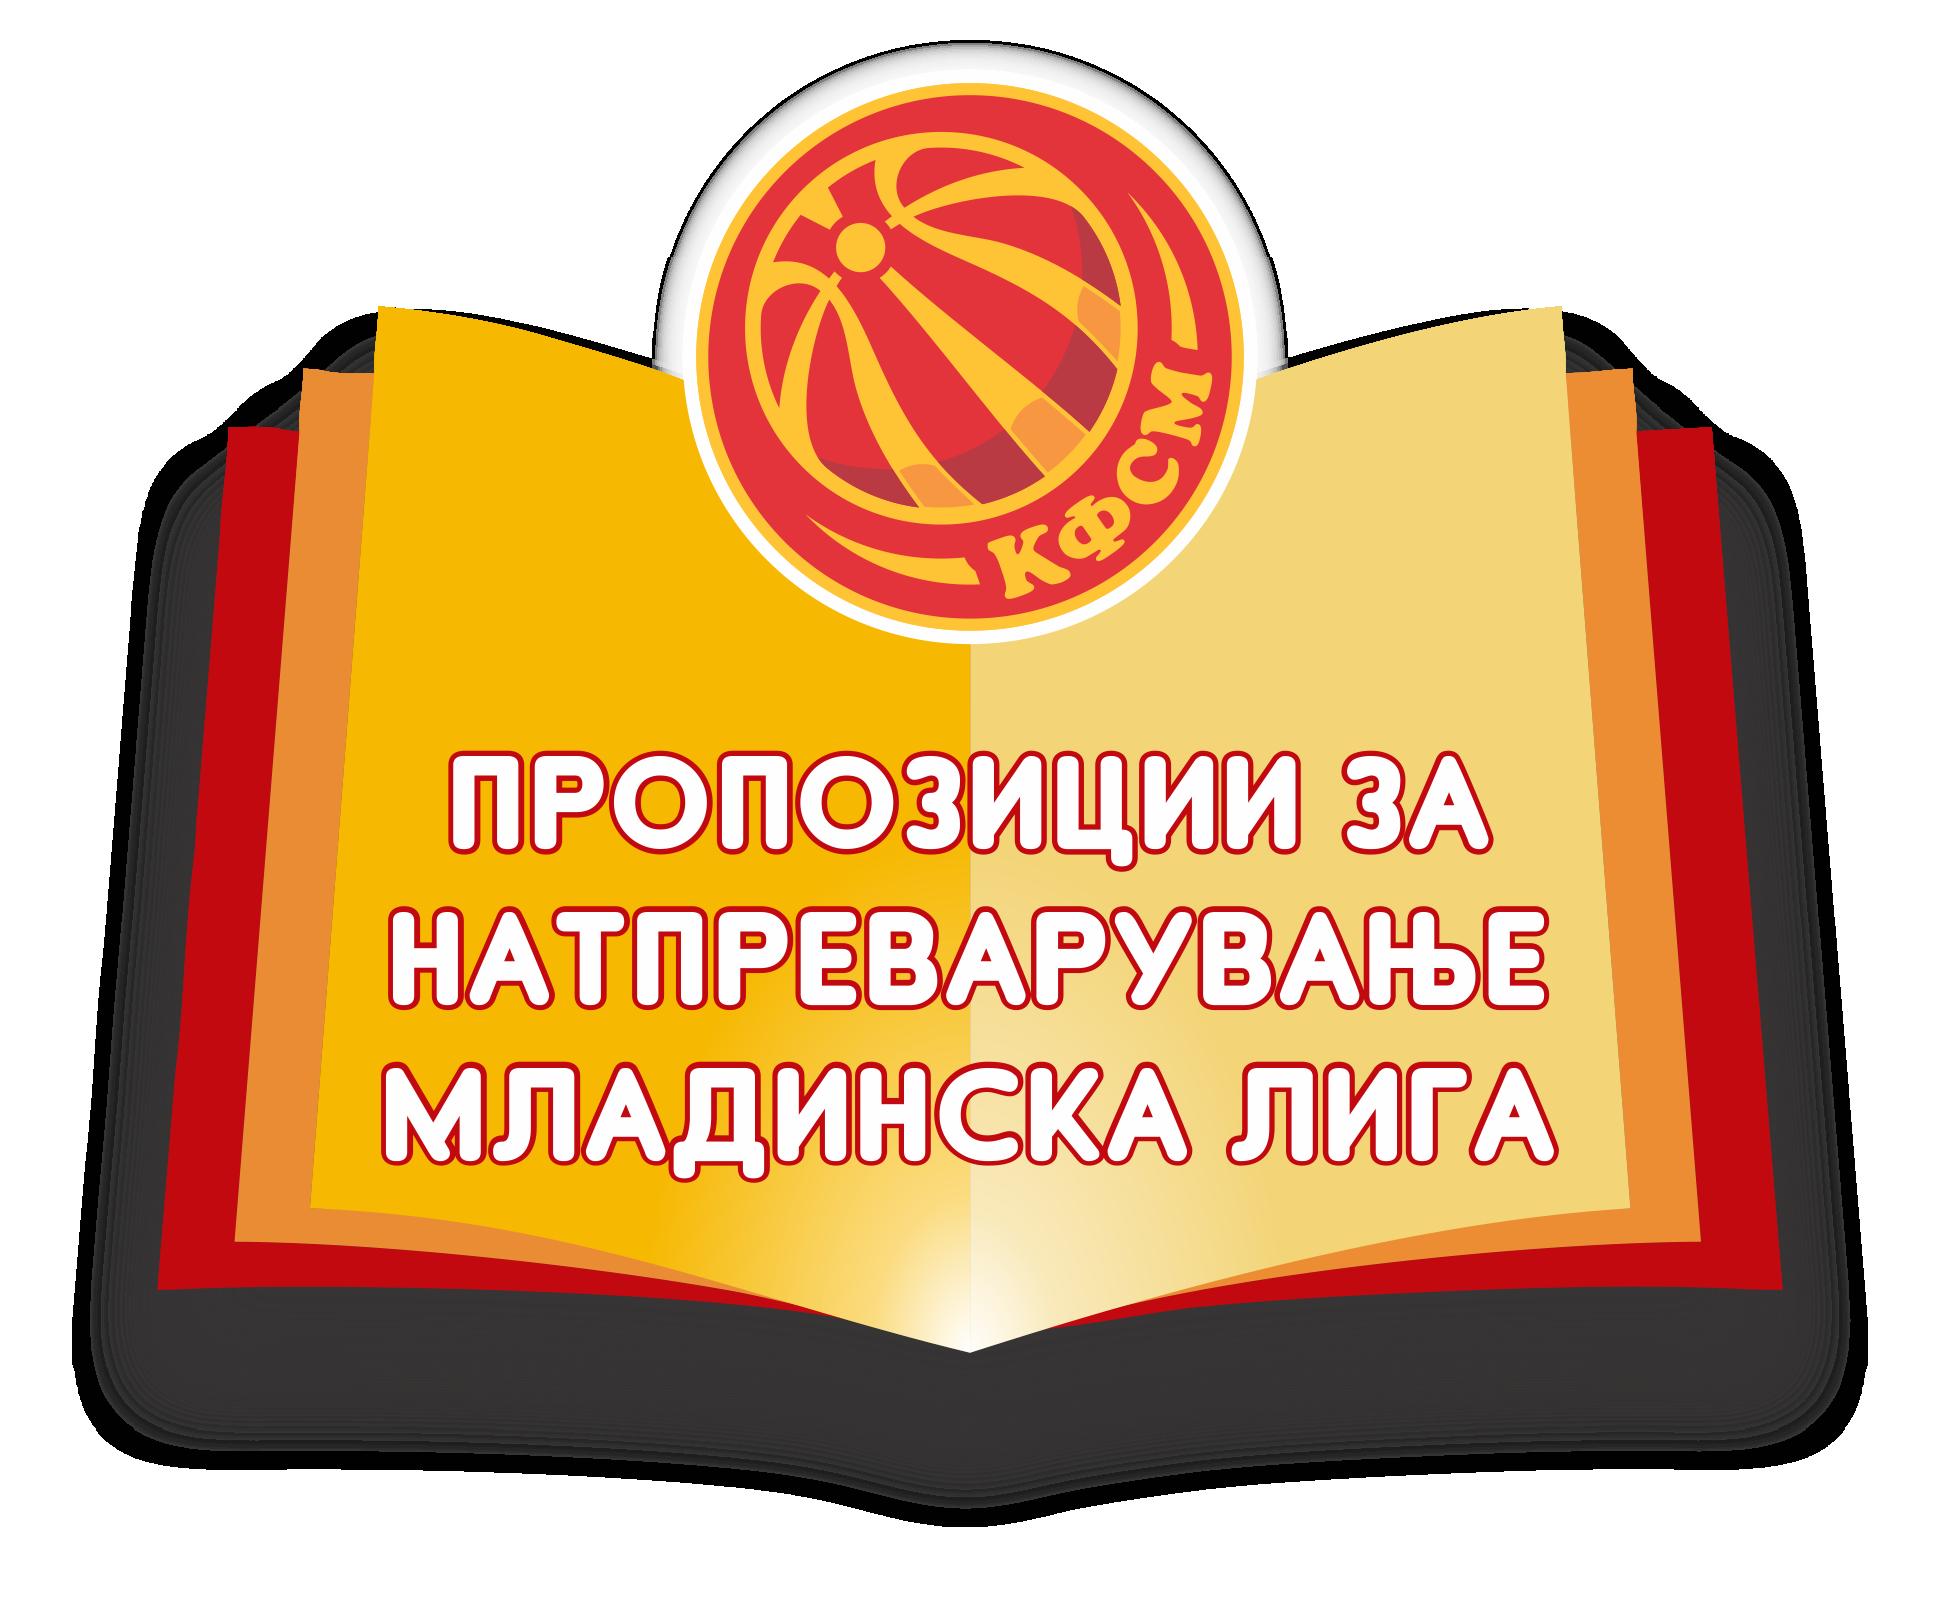 Пропозиции за натпреварување младински лиги